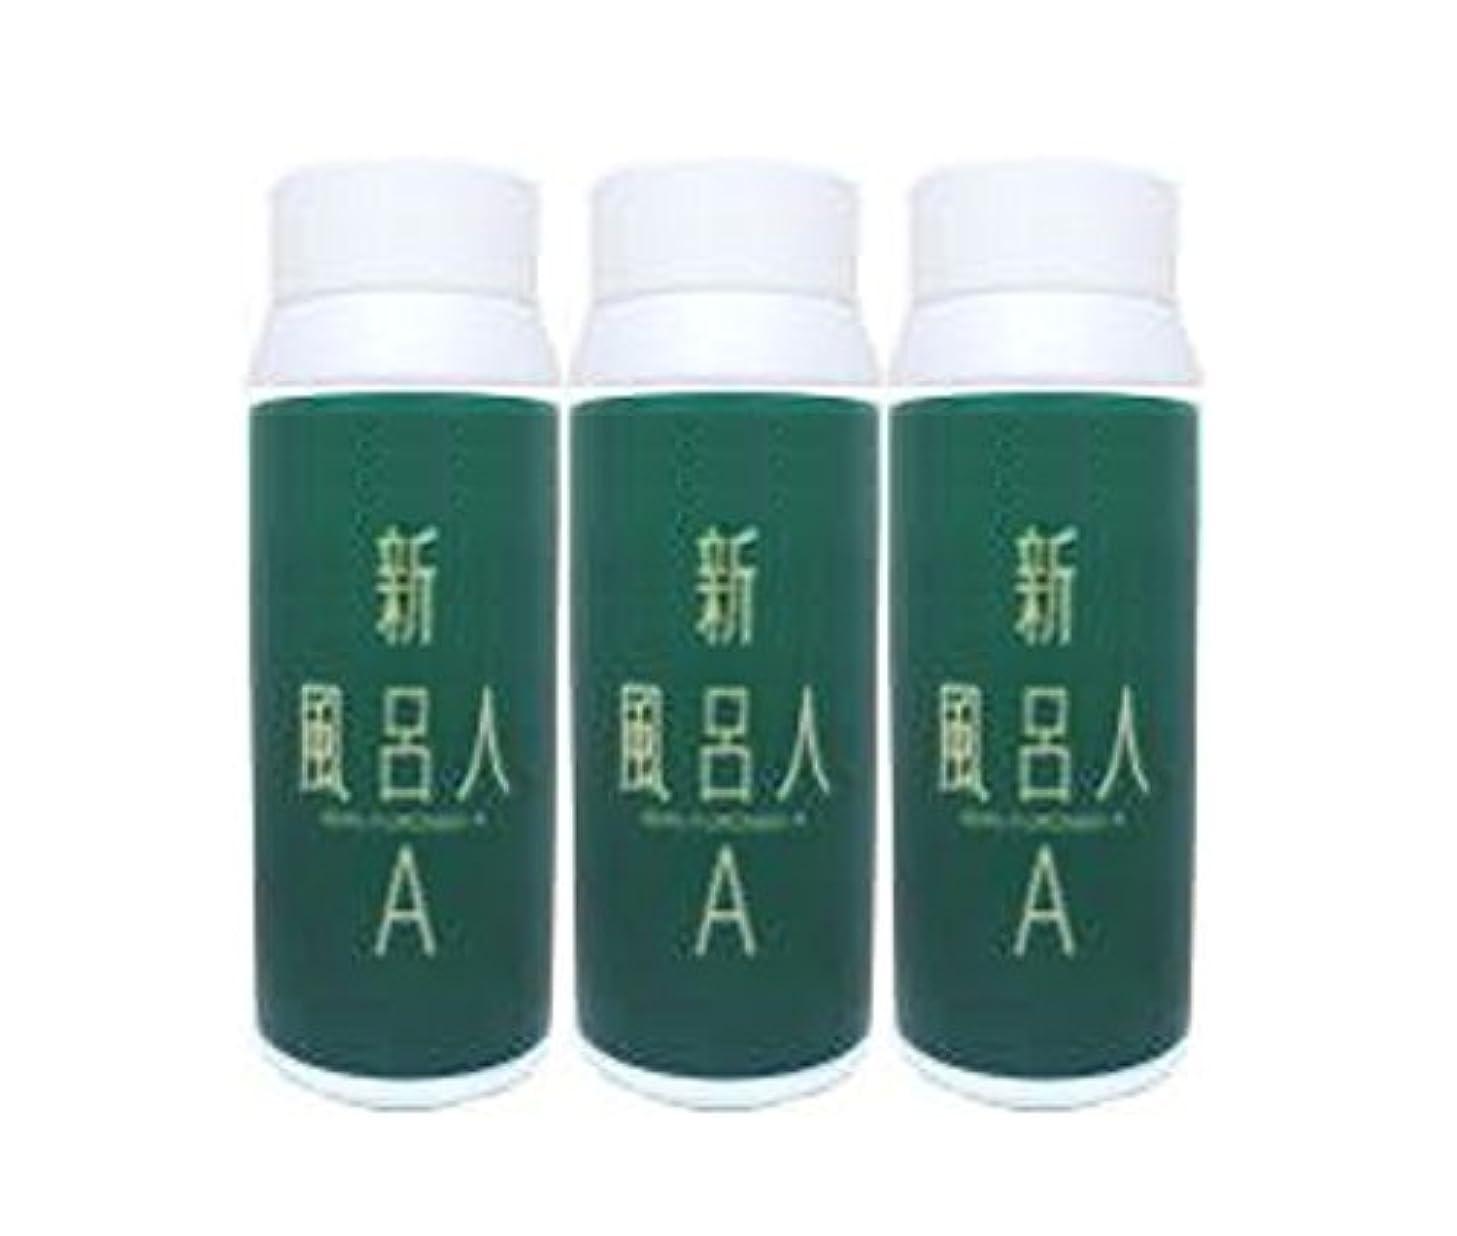 集計失速化学者24時間風呂用 入浴剤 新フロンドA 1000g 【3本セット】